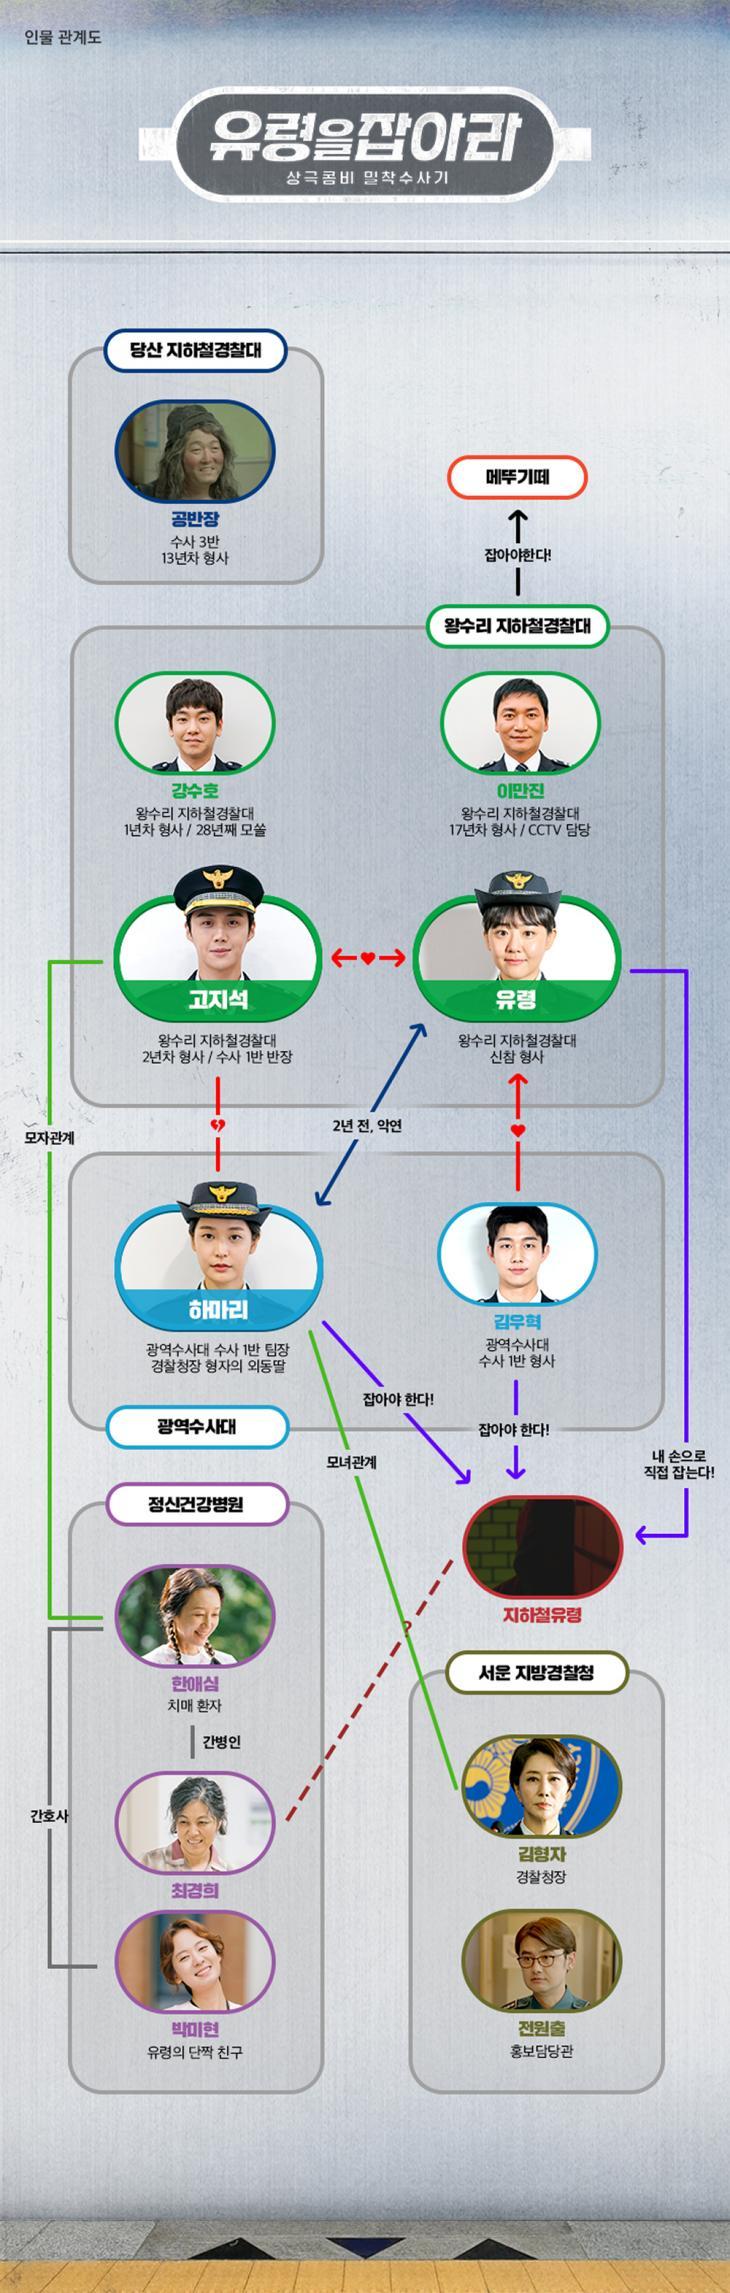 tvN '유령을 잡아라' 인물관계도